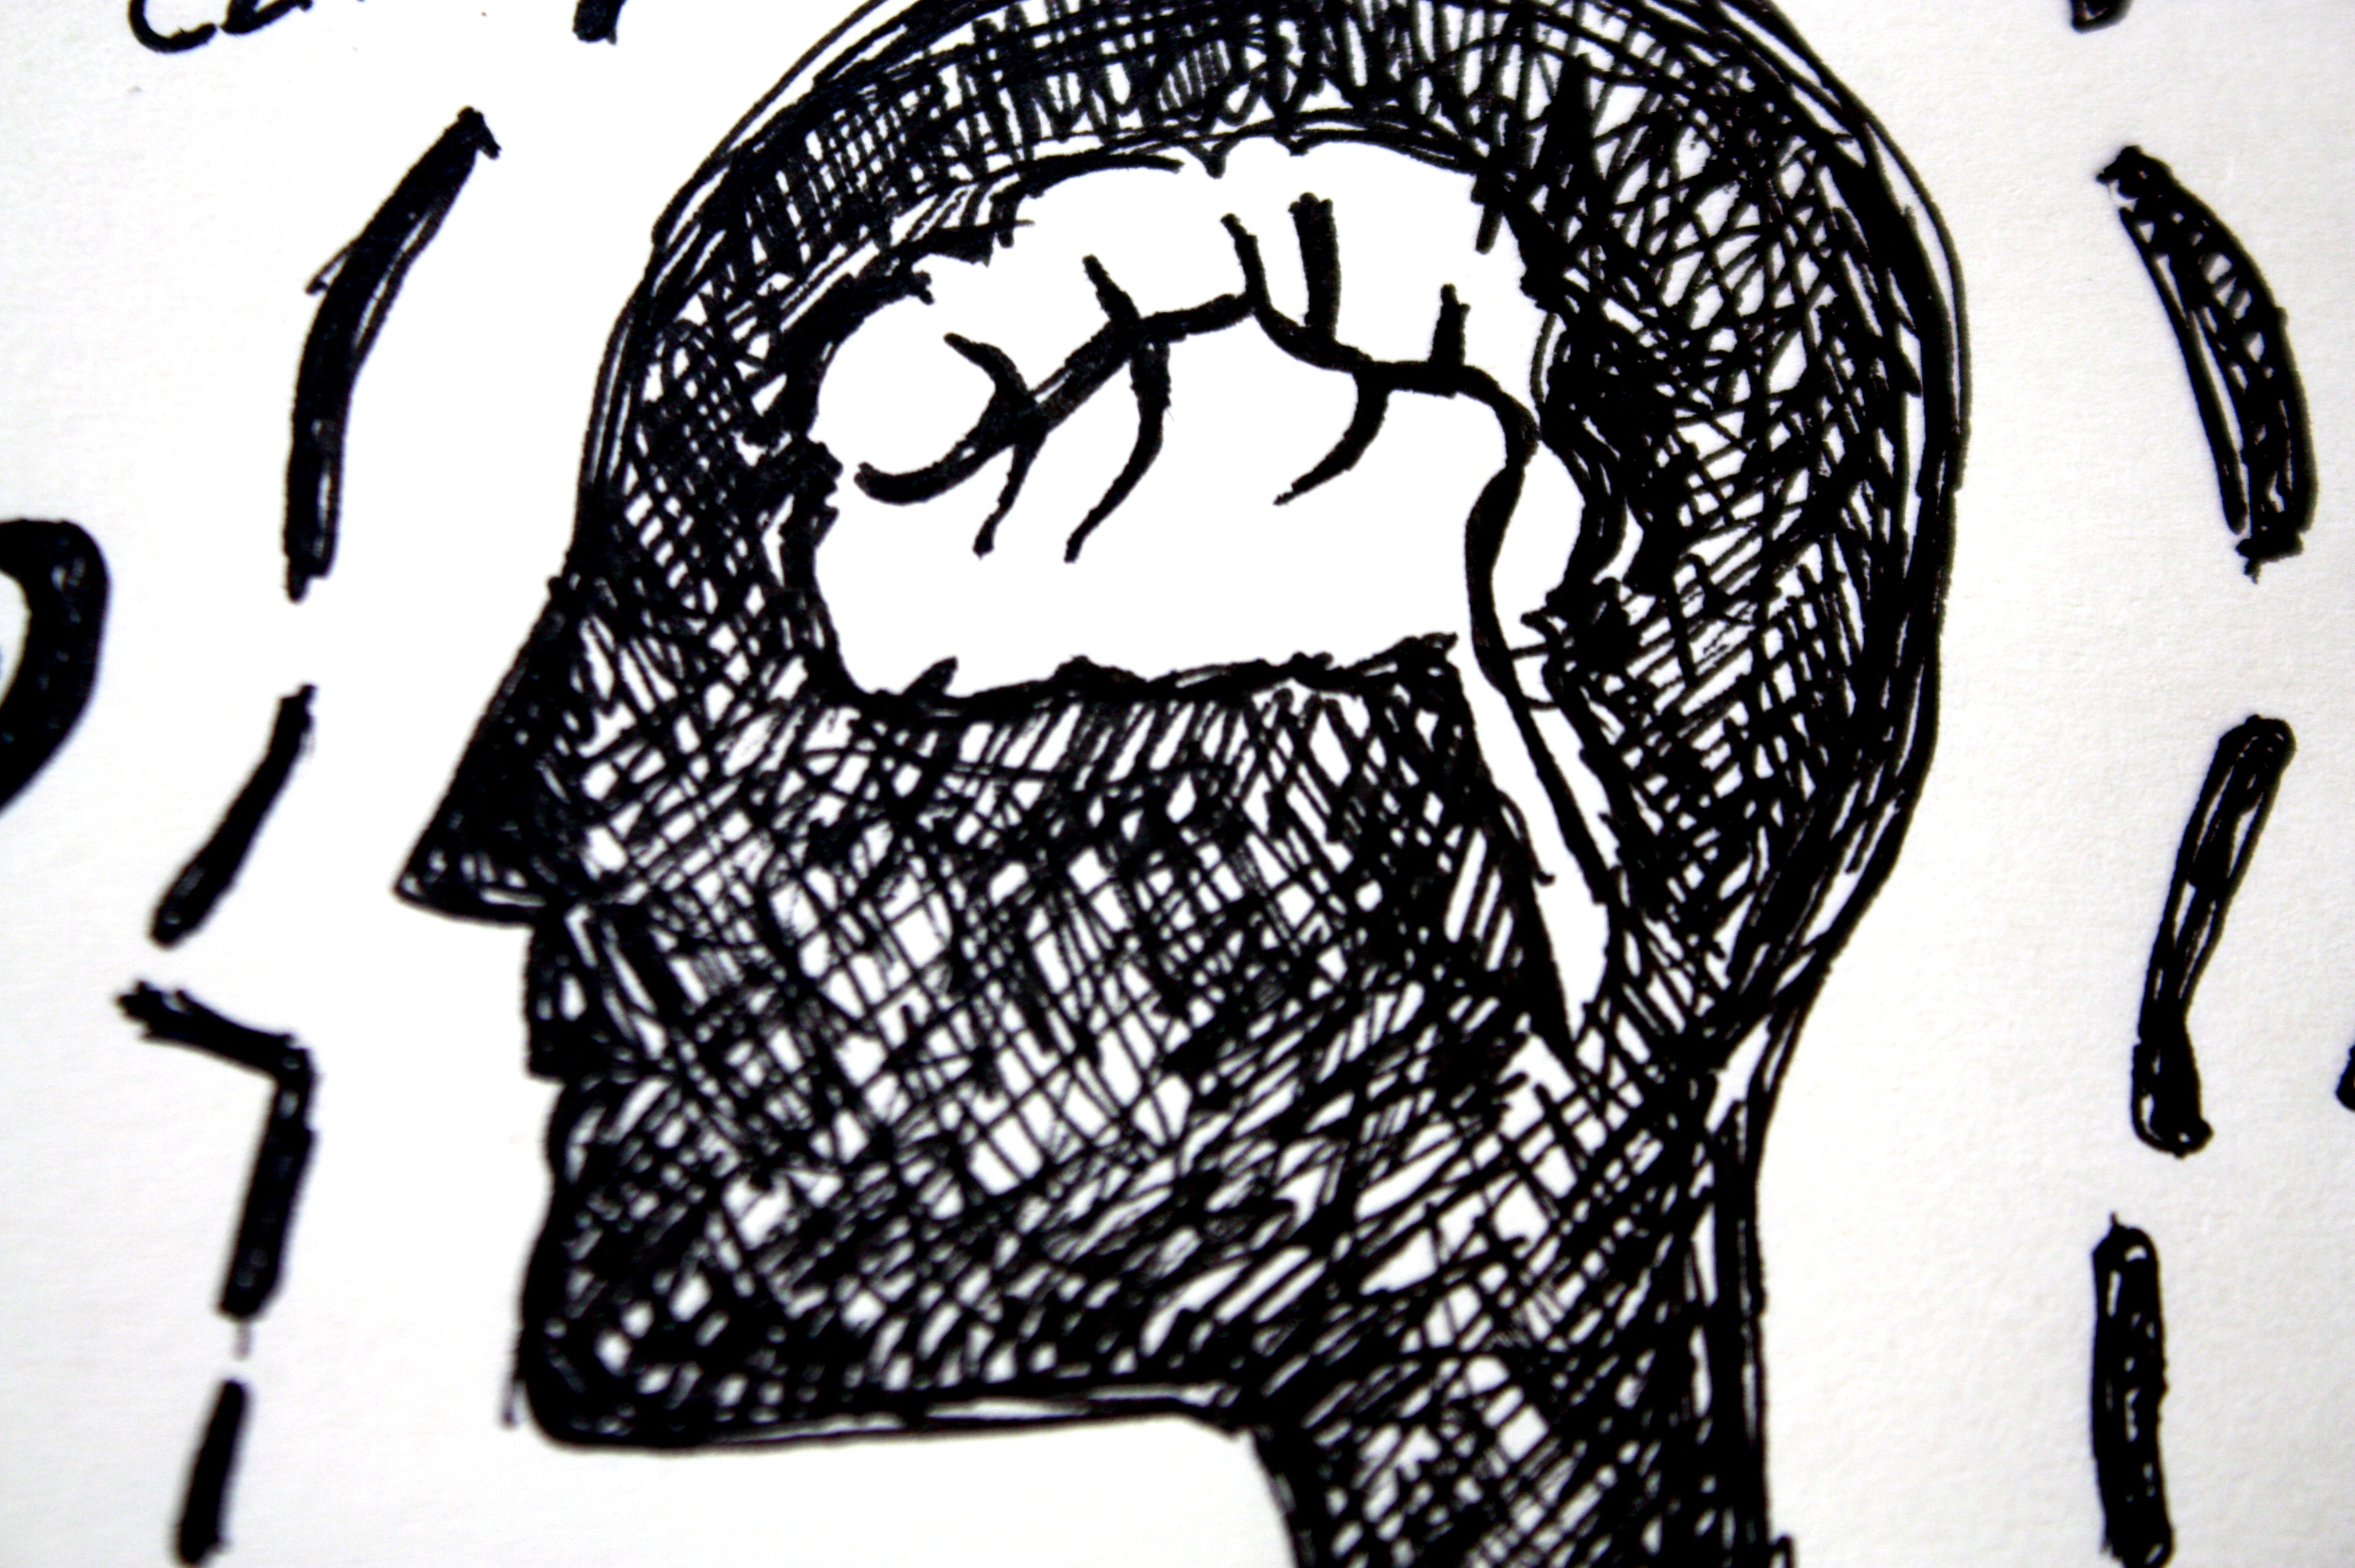 pół mózgu jest lepsze niż nic